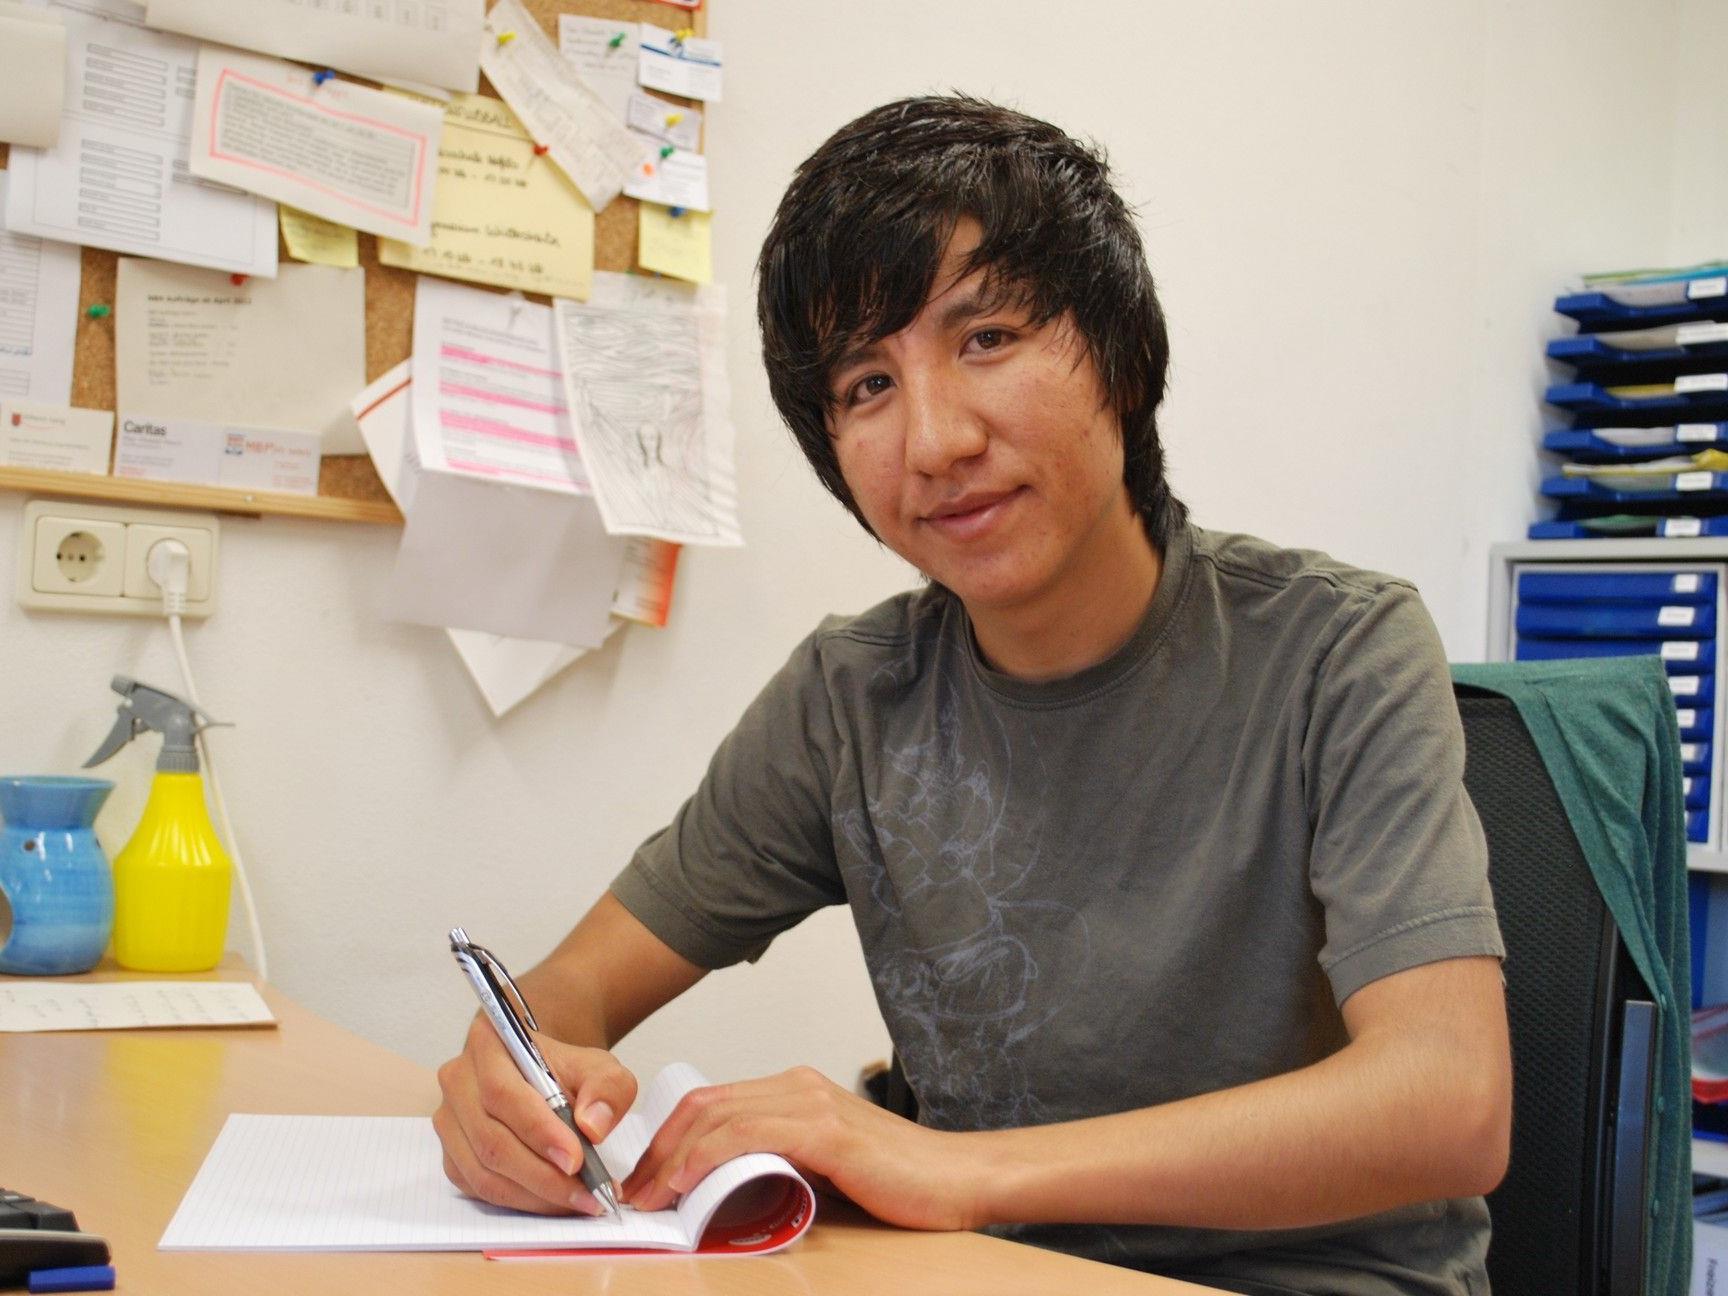 Arbeiten dürfen und eine Ausbildung bekommen. - Überaus wichtig für junge AsylwerberInnen.